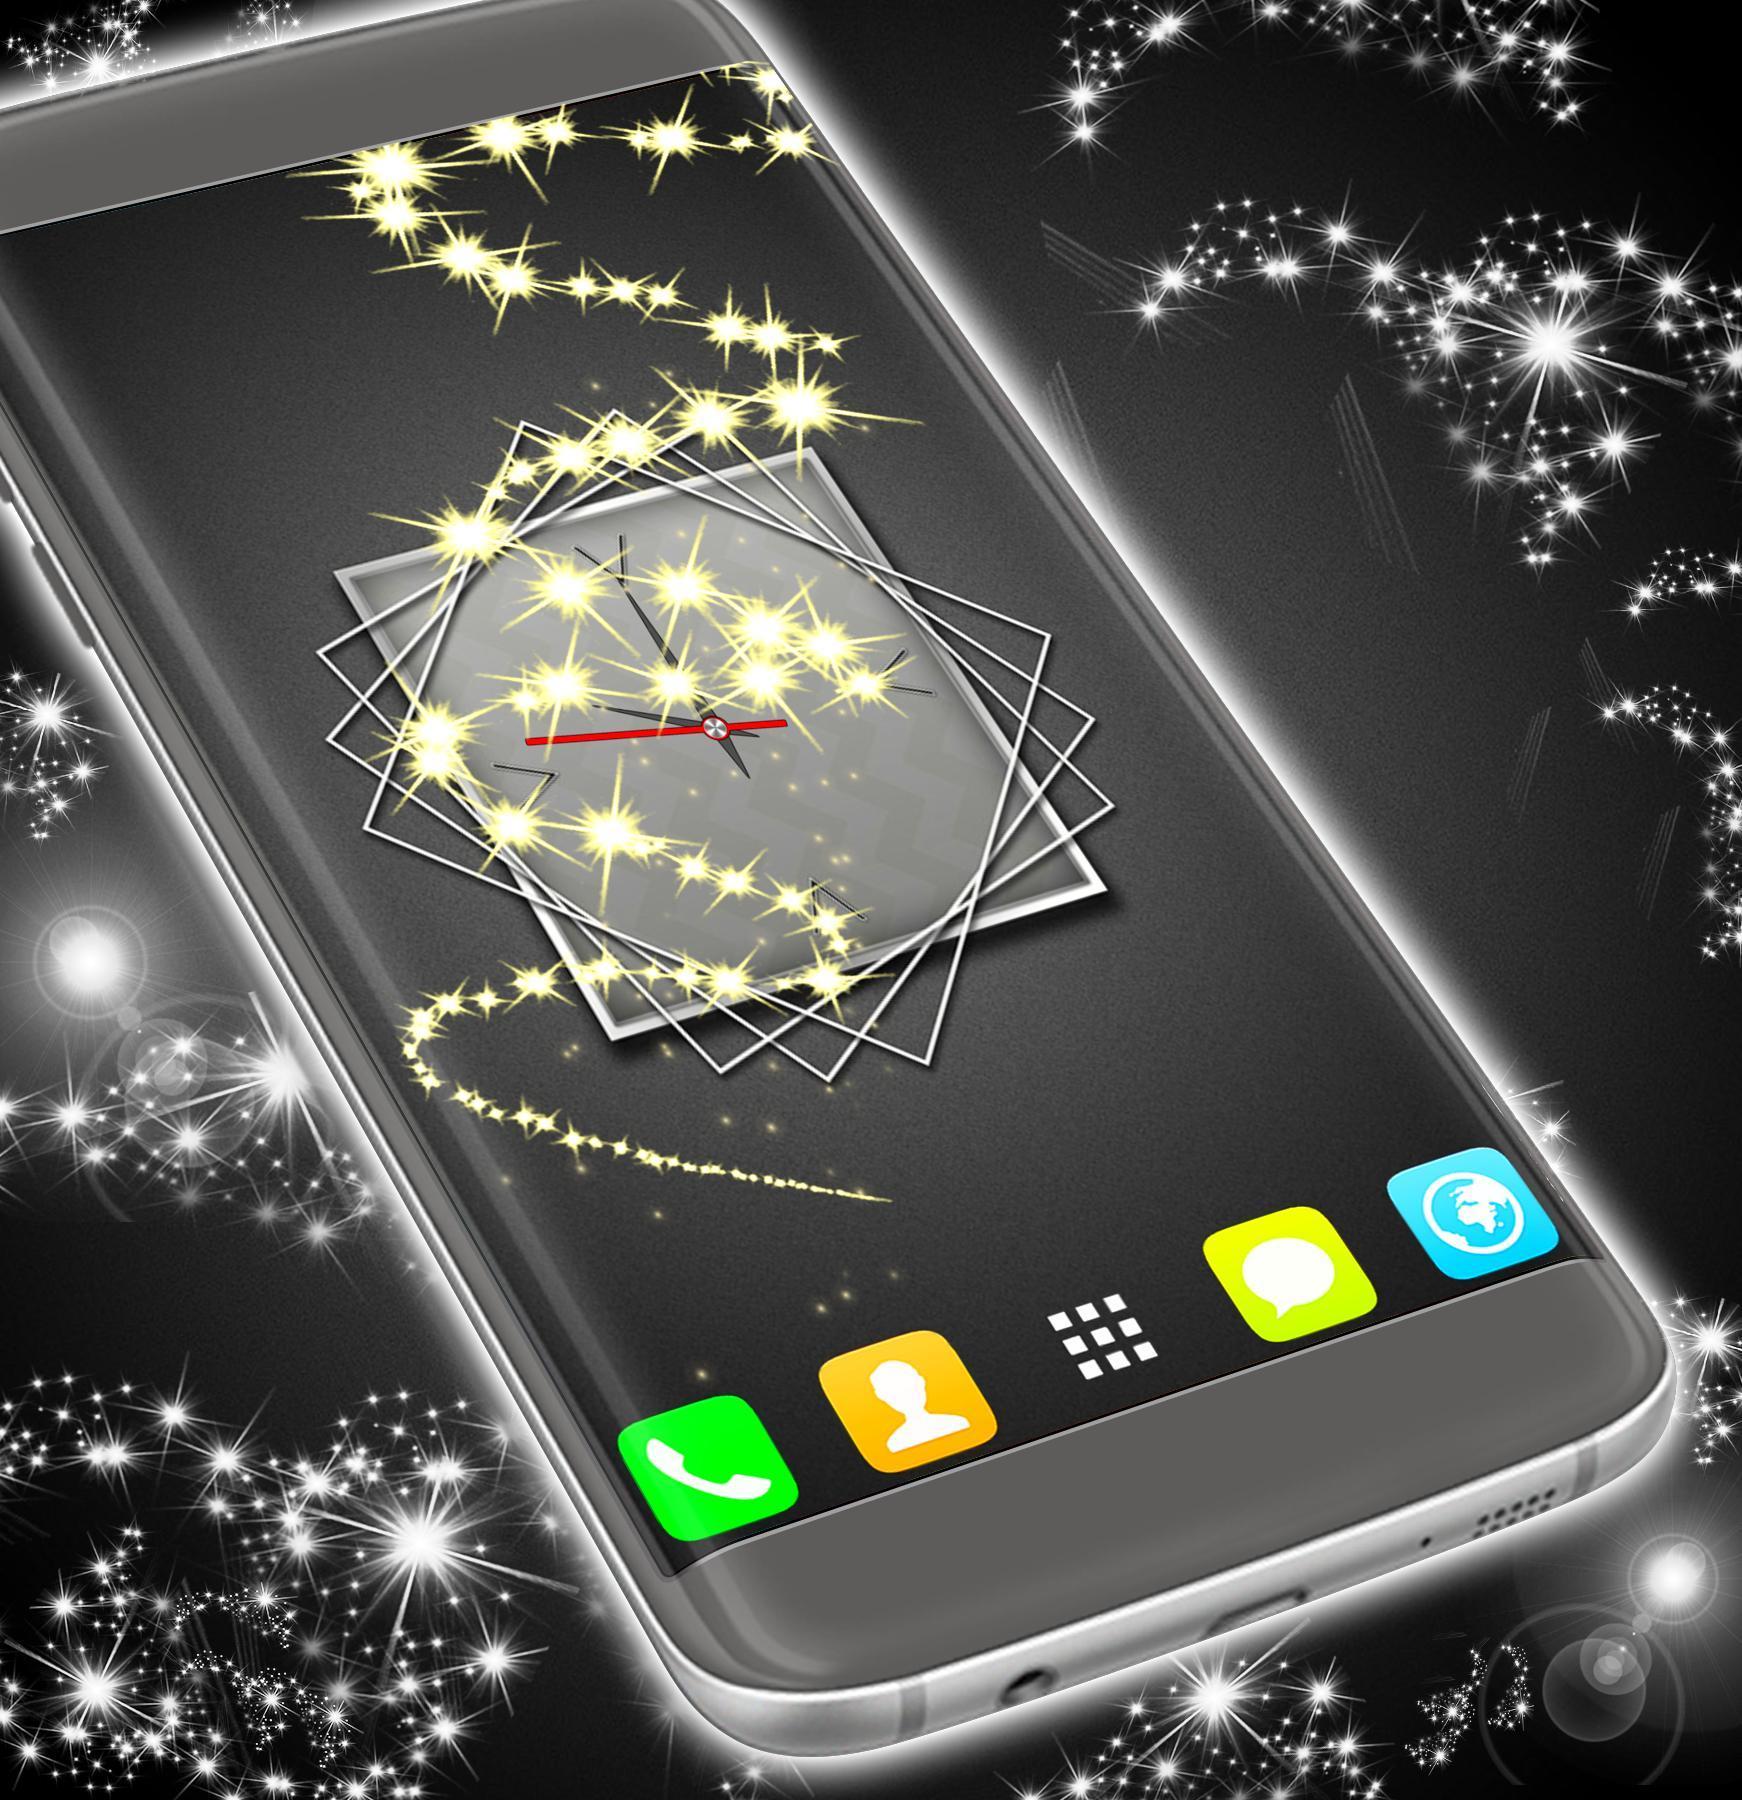 Aplikasi Latar Belakang Jam For Android Apk Download